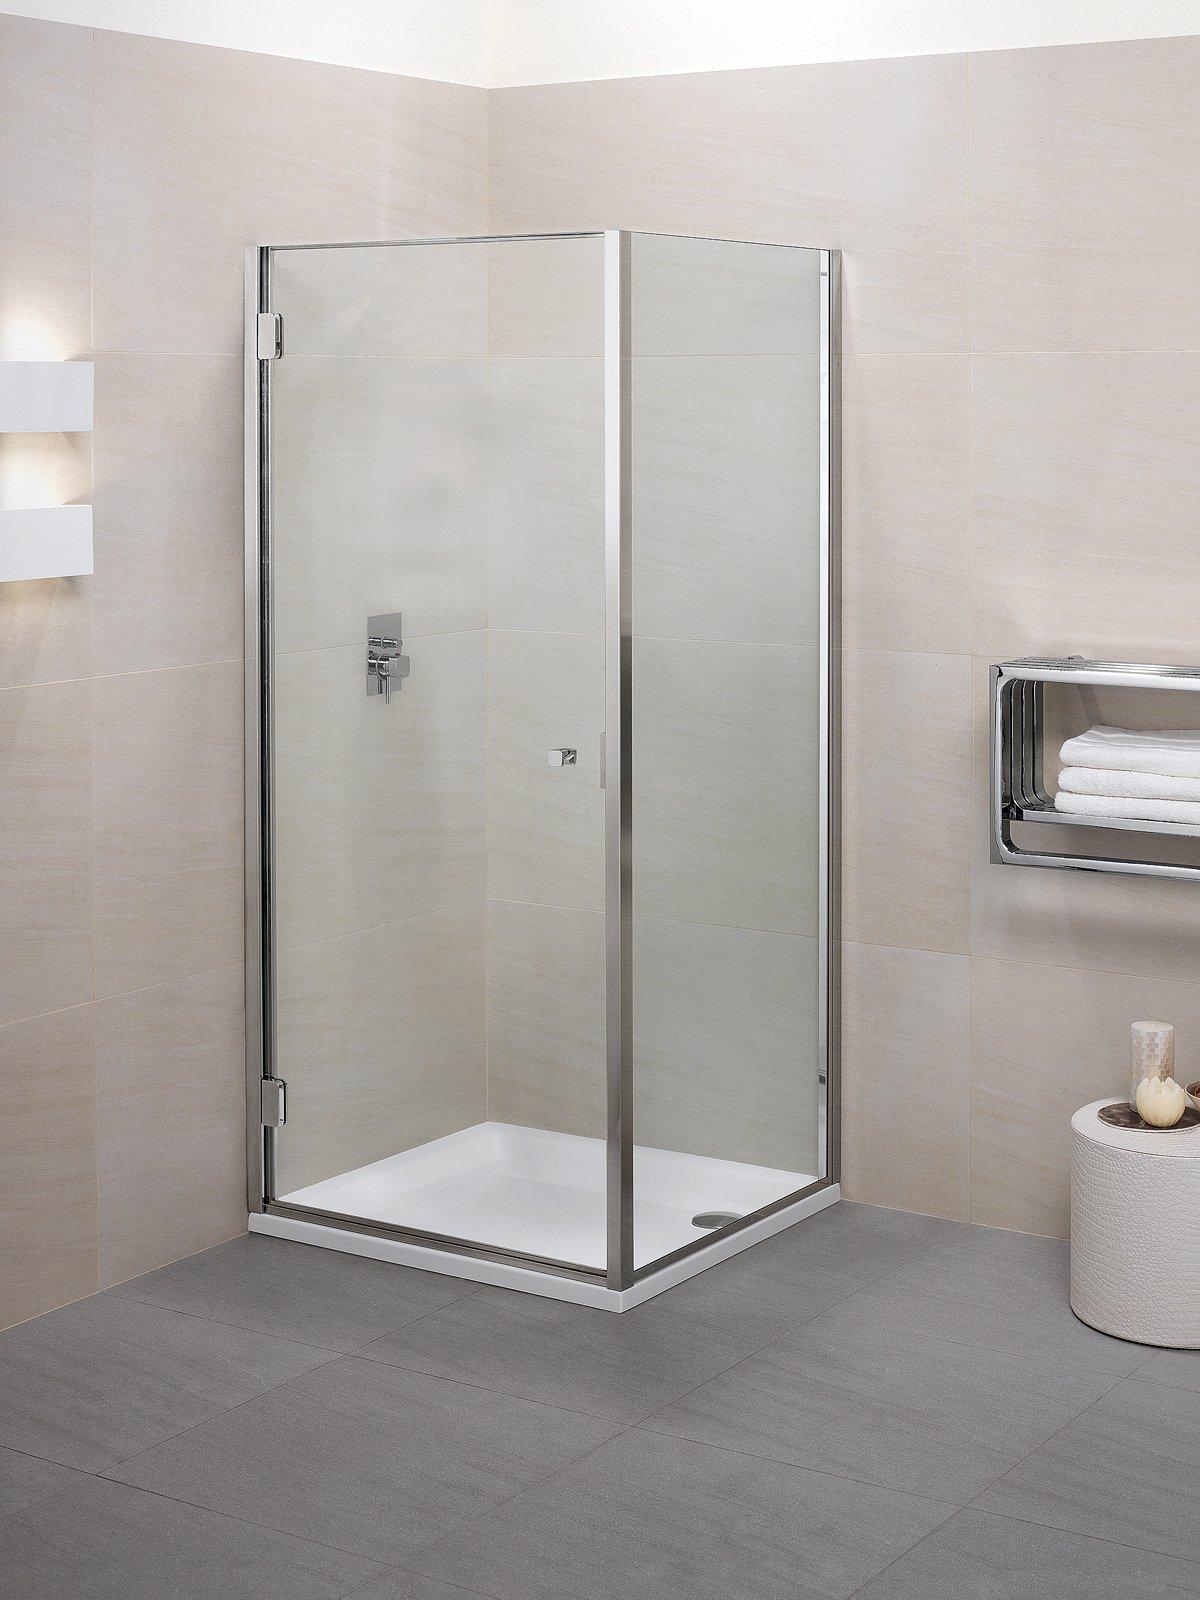 La doccia come scegliere cose di casa - Box doccia porta battente ...